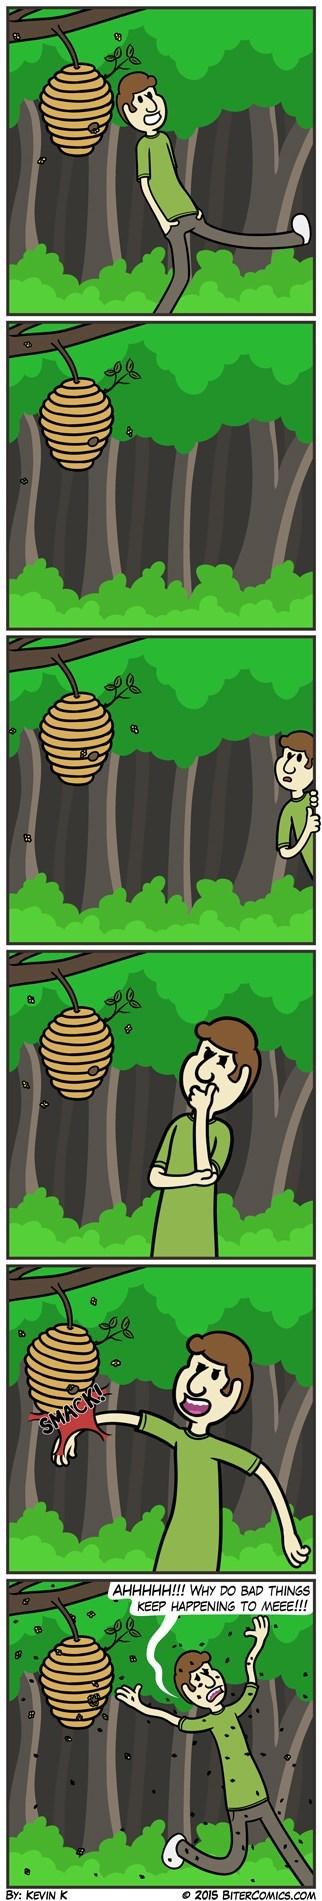 hives bees web comics - 8515879168